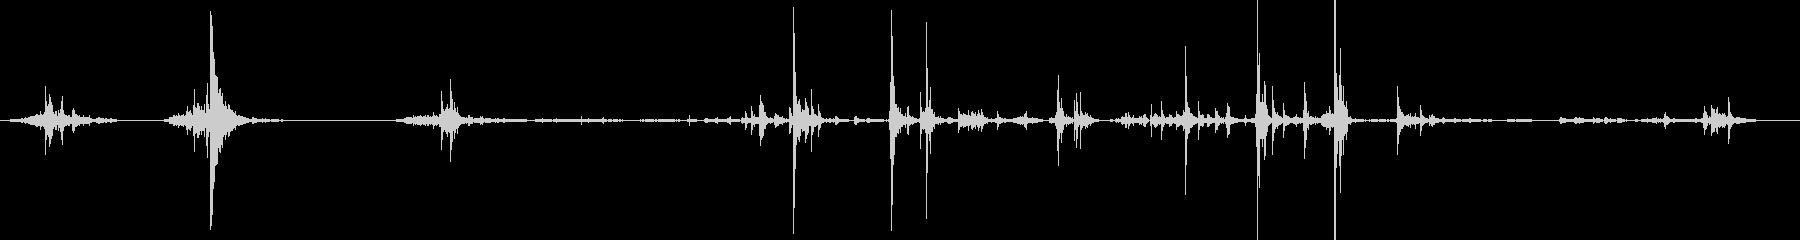 ドレッサードロワー2;ドレッサーの...の未再生の波形